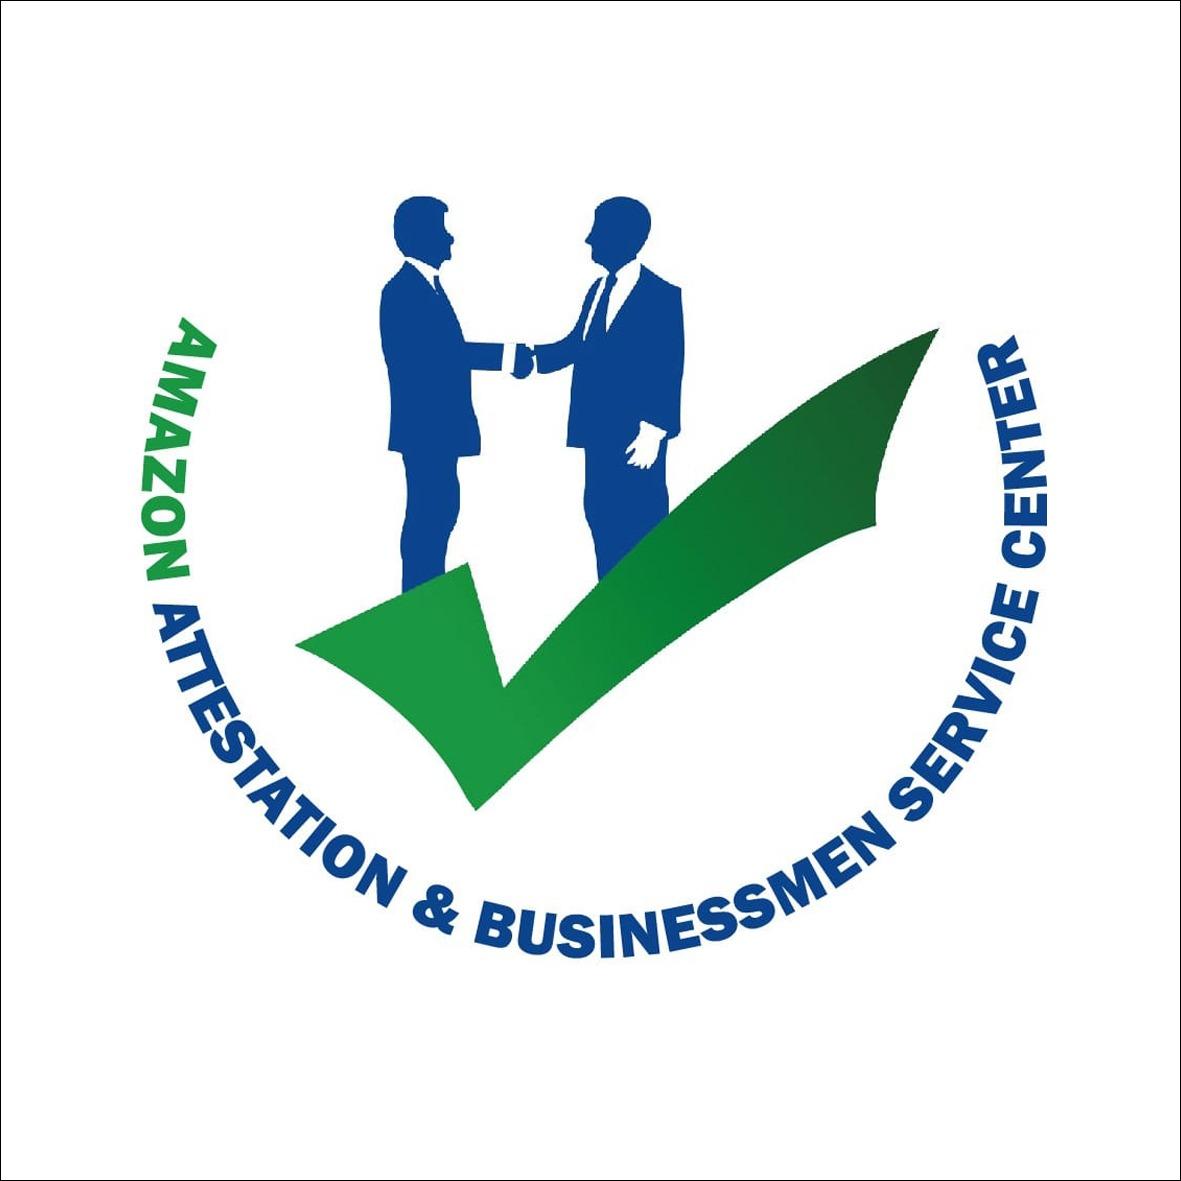 amazon attestation logo.jpg